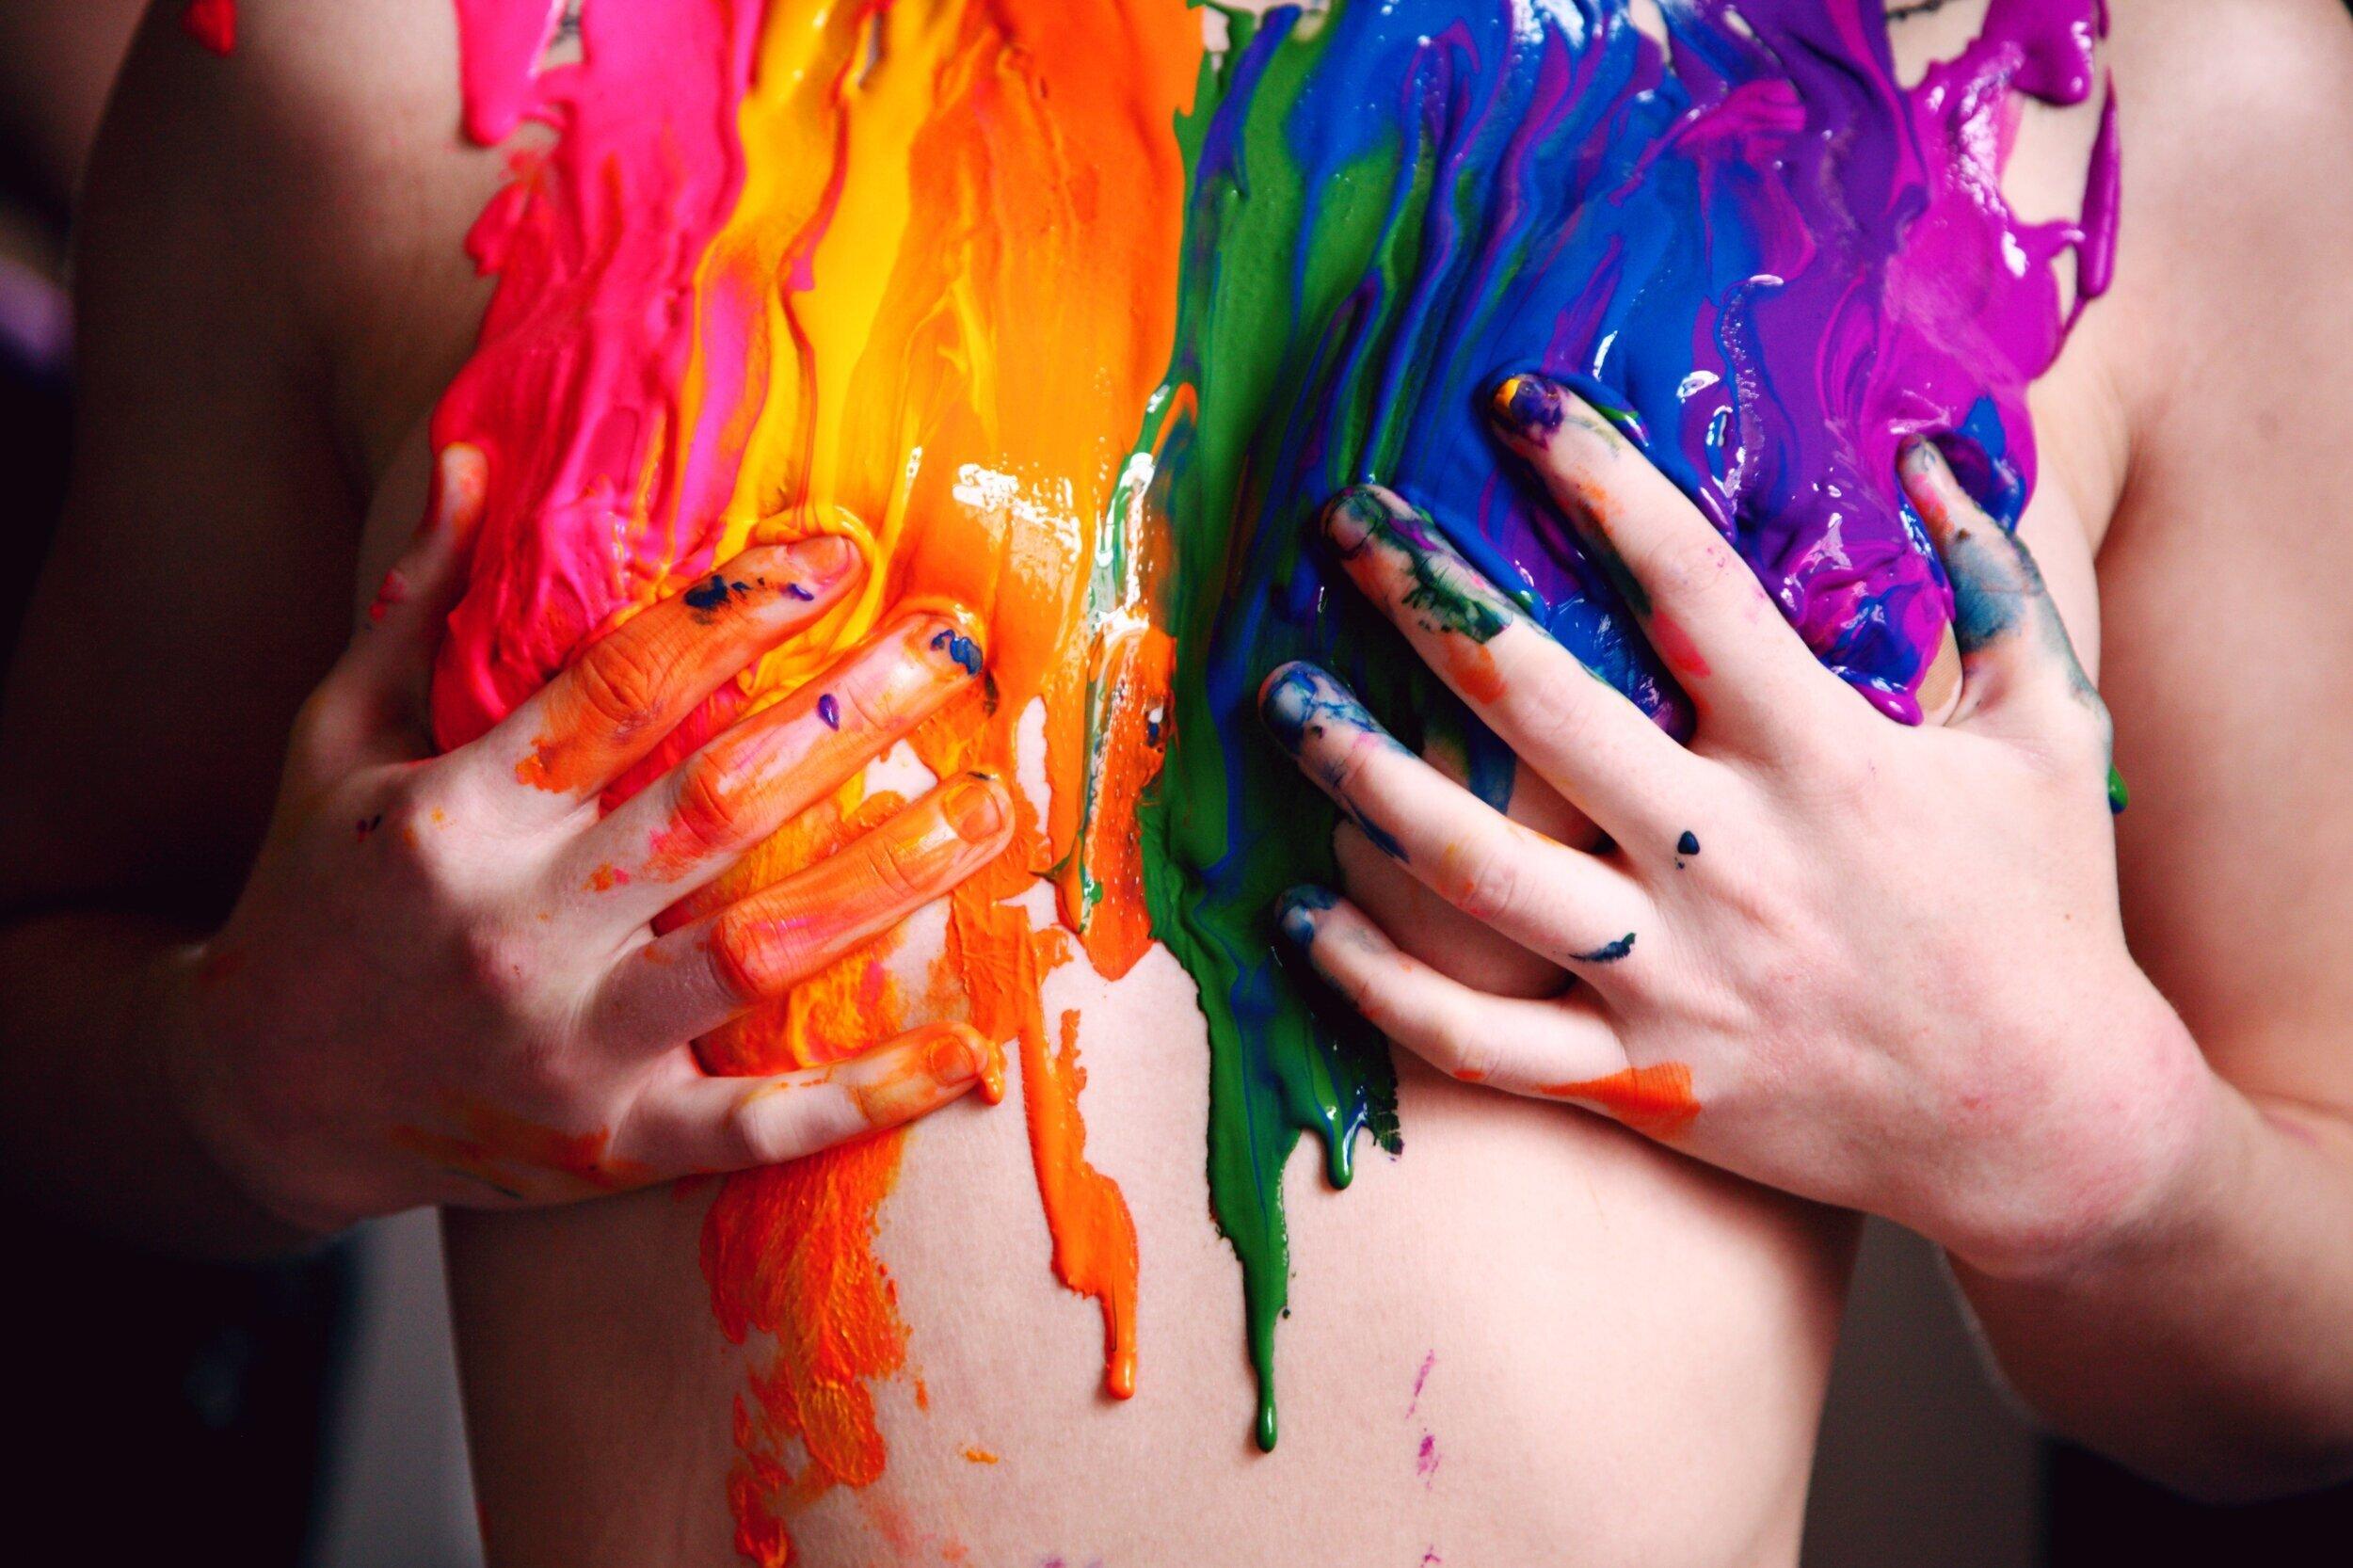 - Le coming out peut être délicat et nuancé avec la façon dont vous le faites, mais quel poids sur vos épaules !